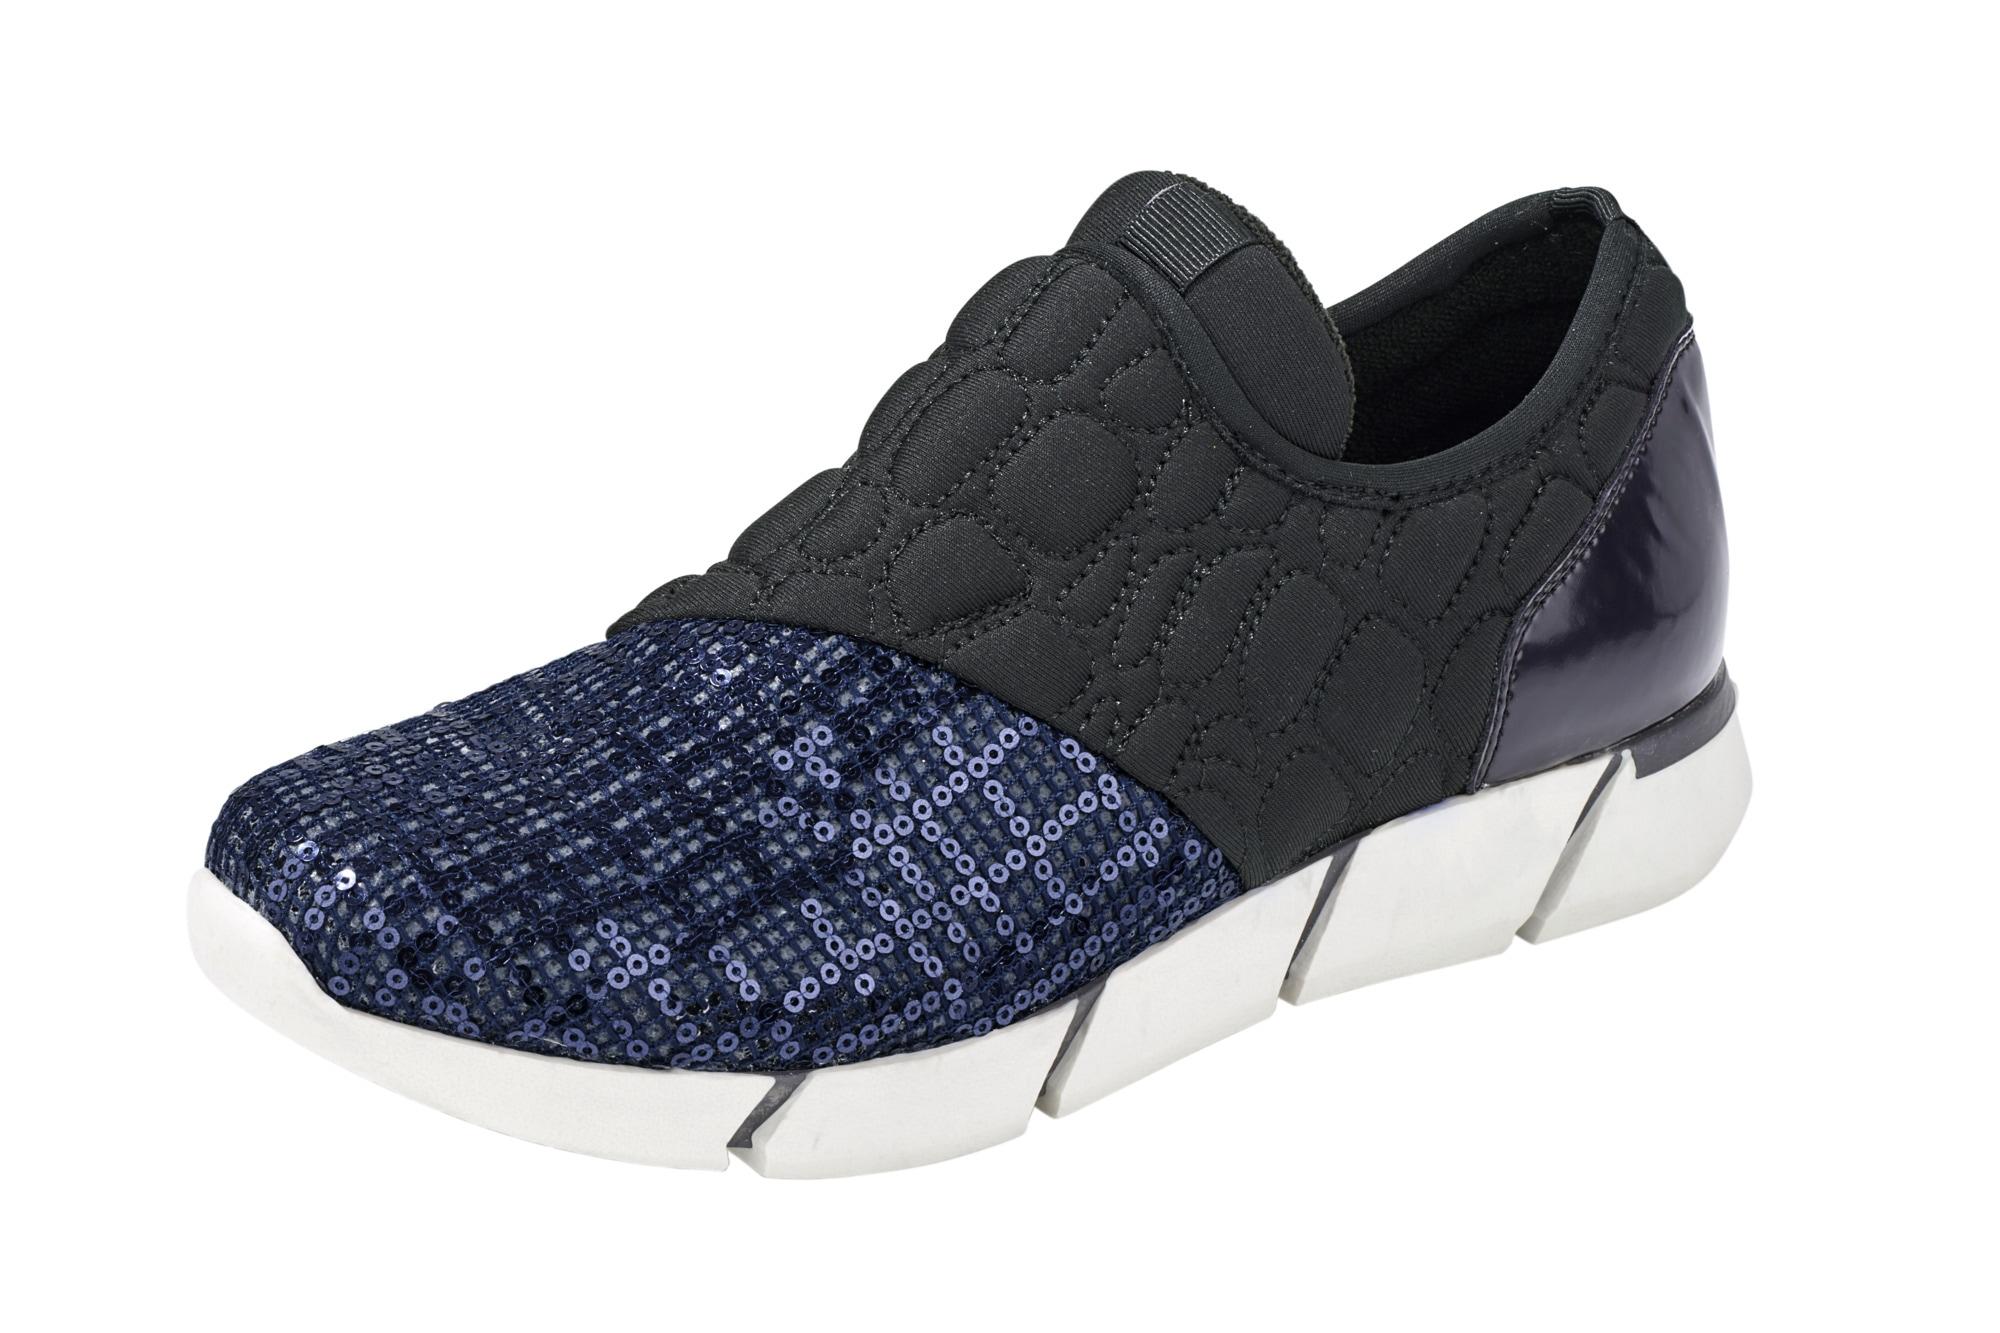 9a8e697e22651 Andrea Conti Sneaker mit Pailletten online bestellen   BAUR